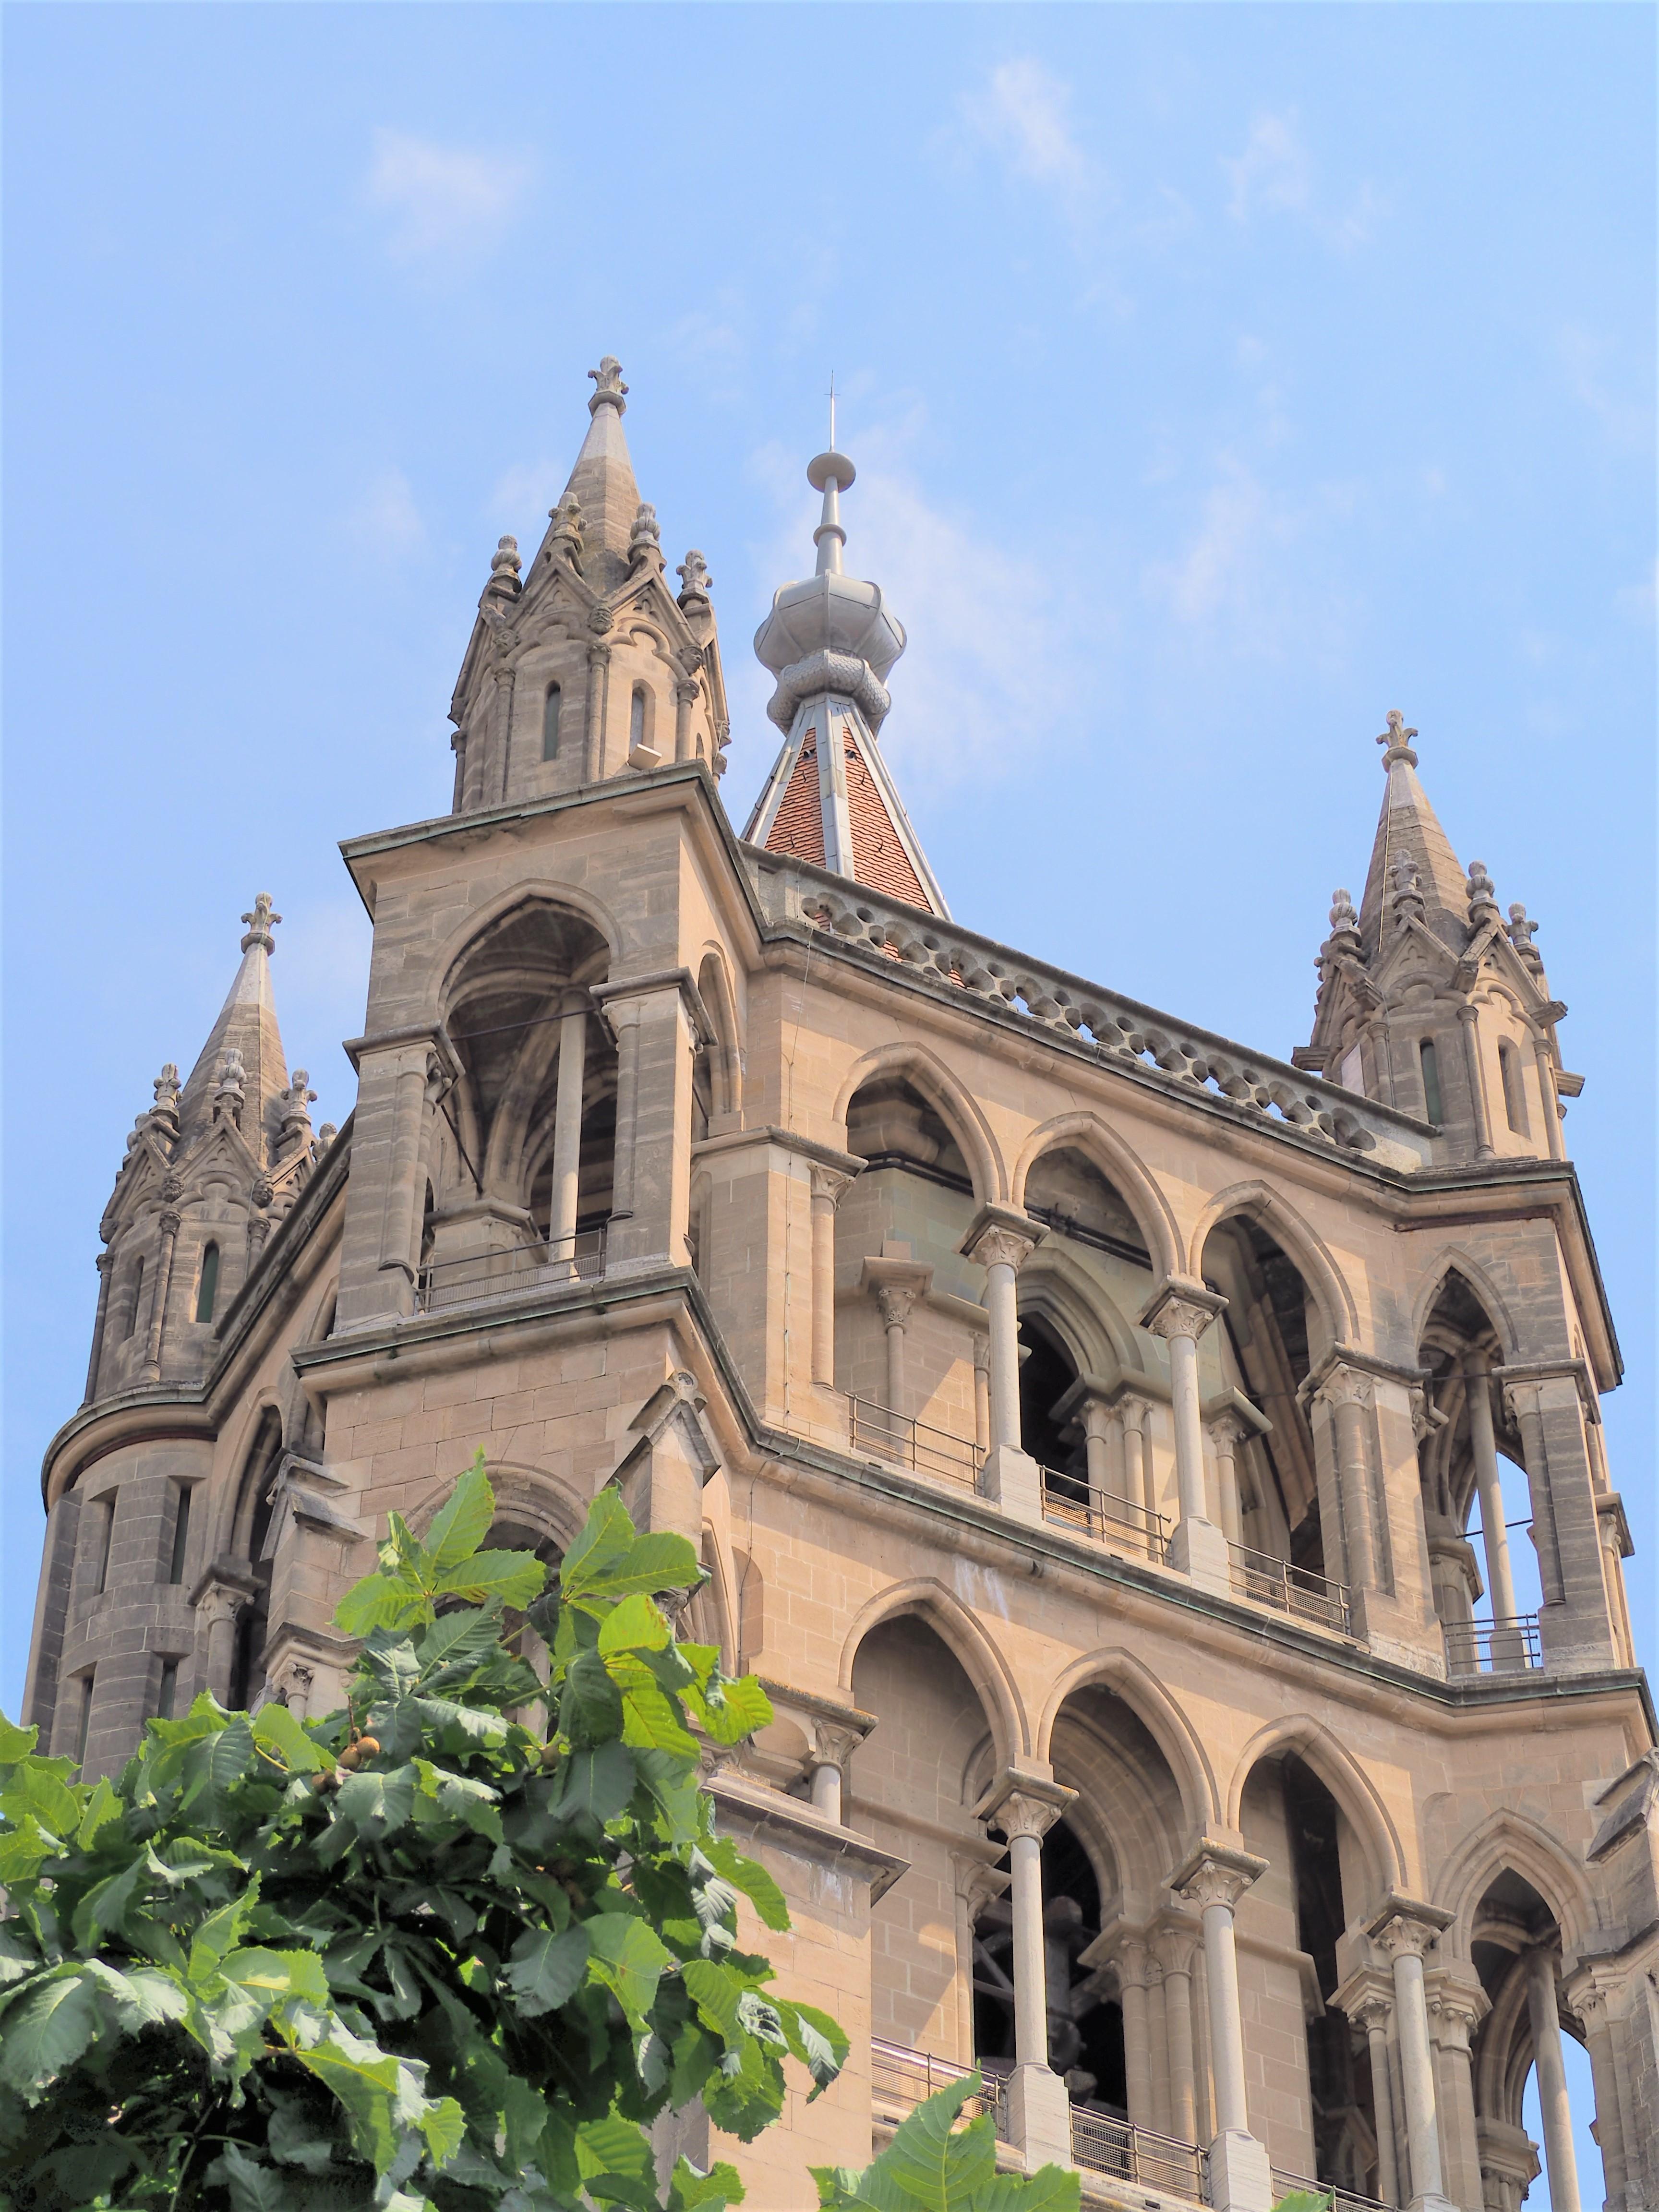 Cathédrale de Lausanne suisse blog voyage clioandco